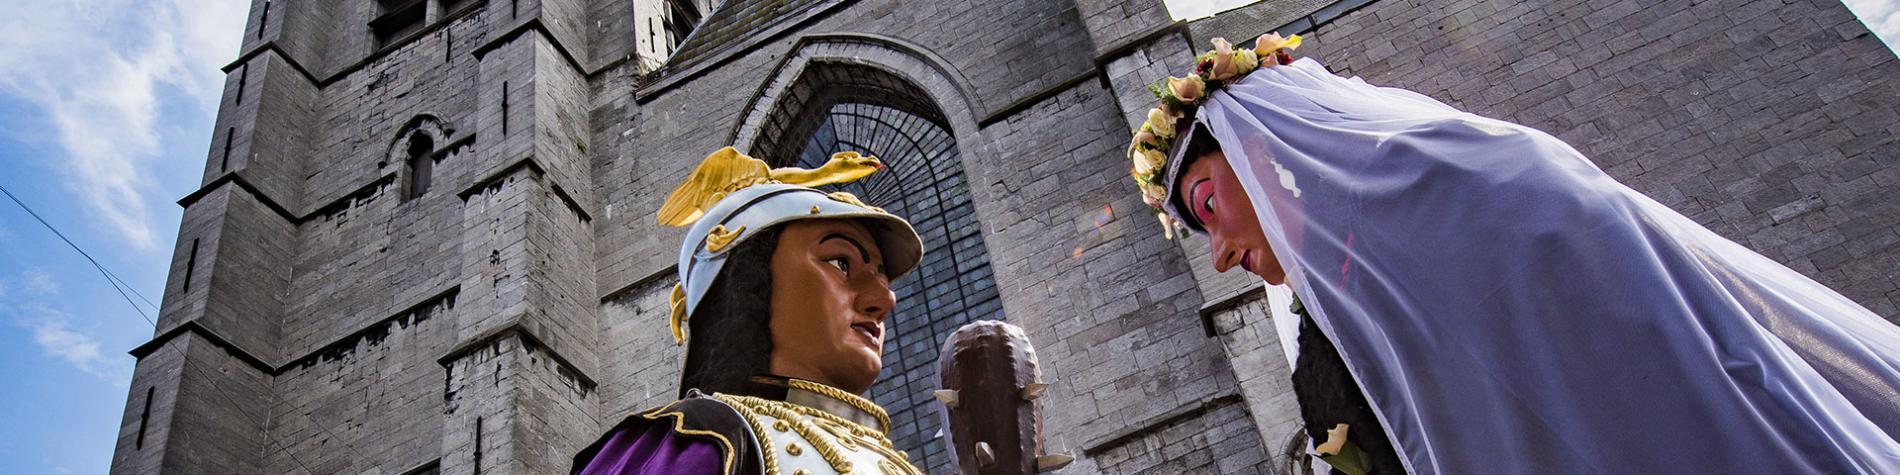 La Ducasse d'Ath - Les Géants dansent en Wallonie - UNESCO - patrimoine immatériel - animaux fantastiques